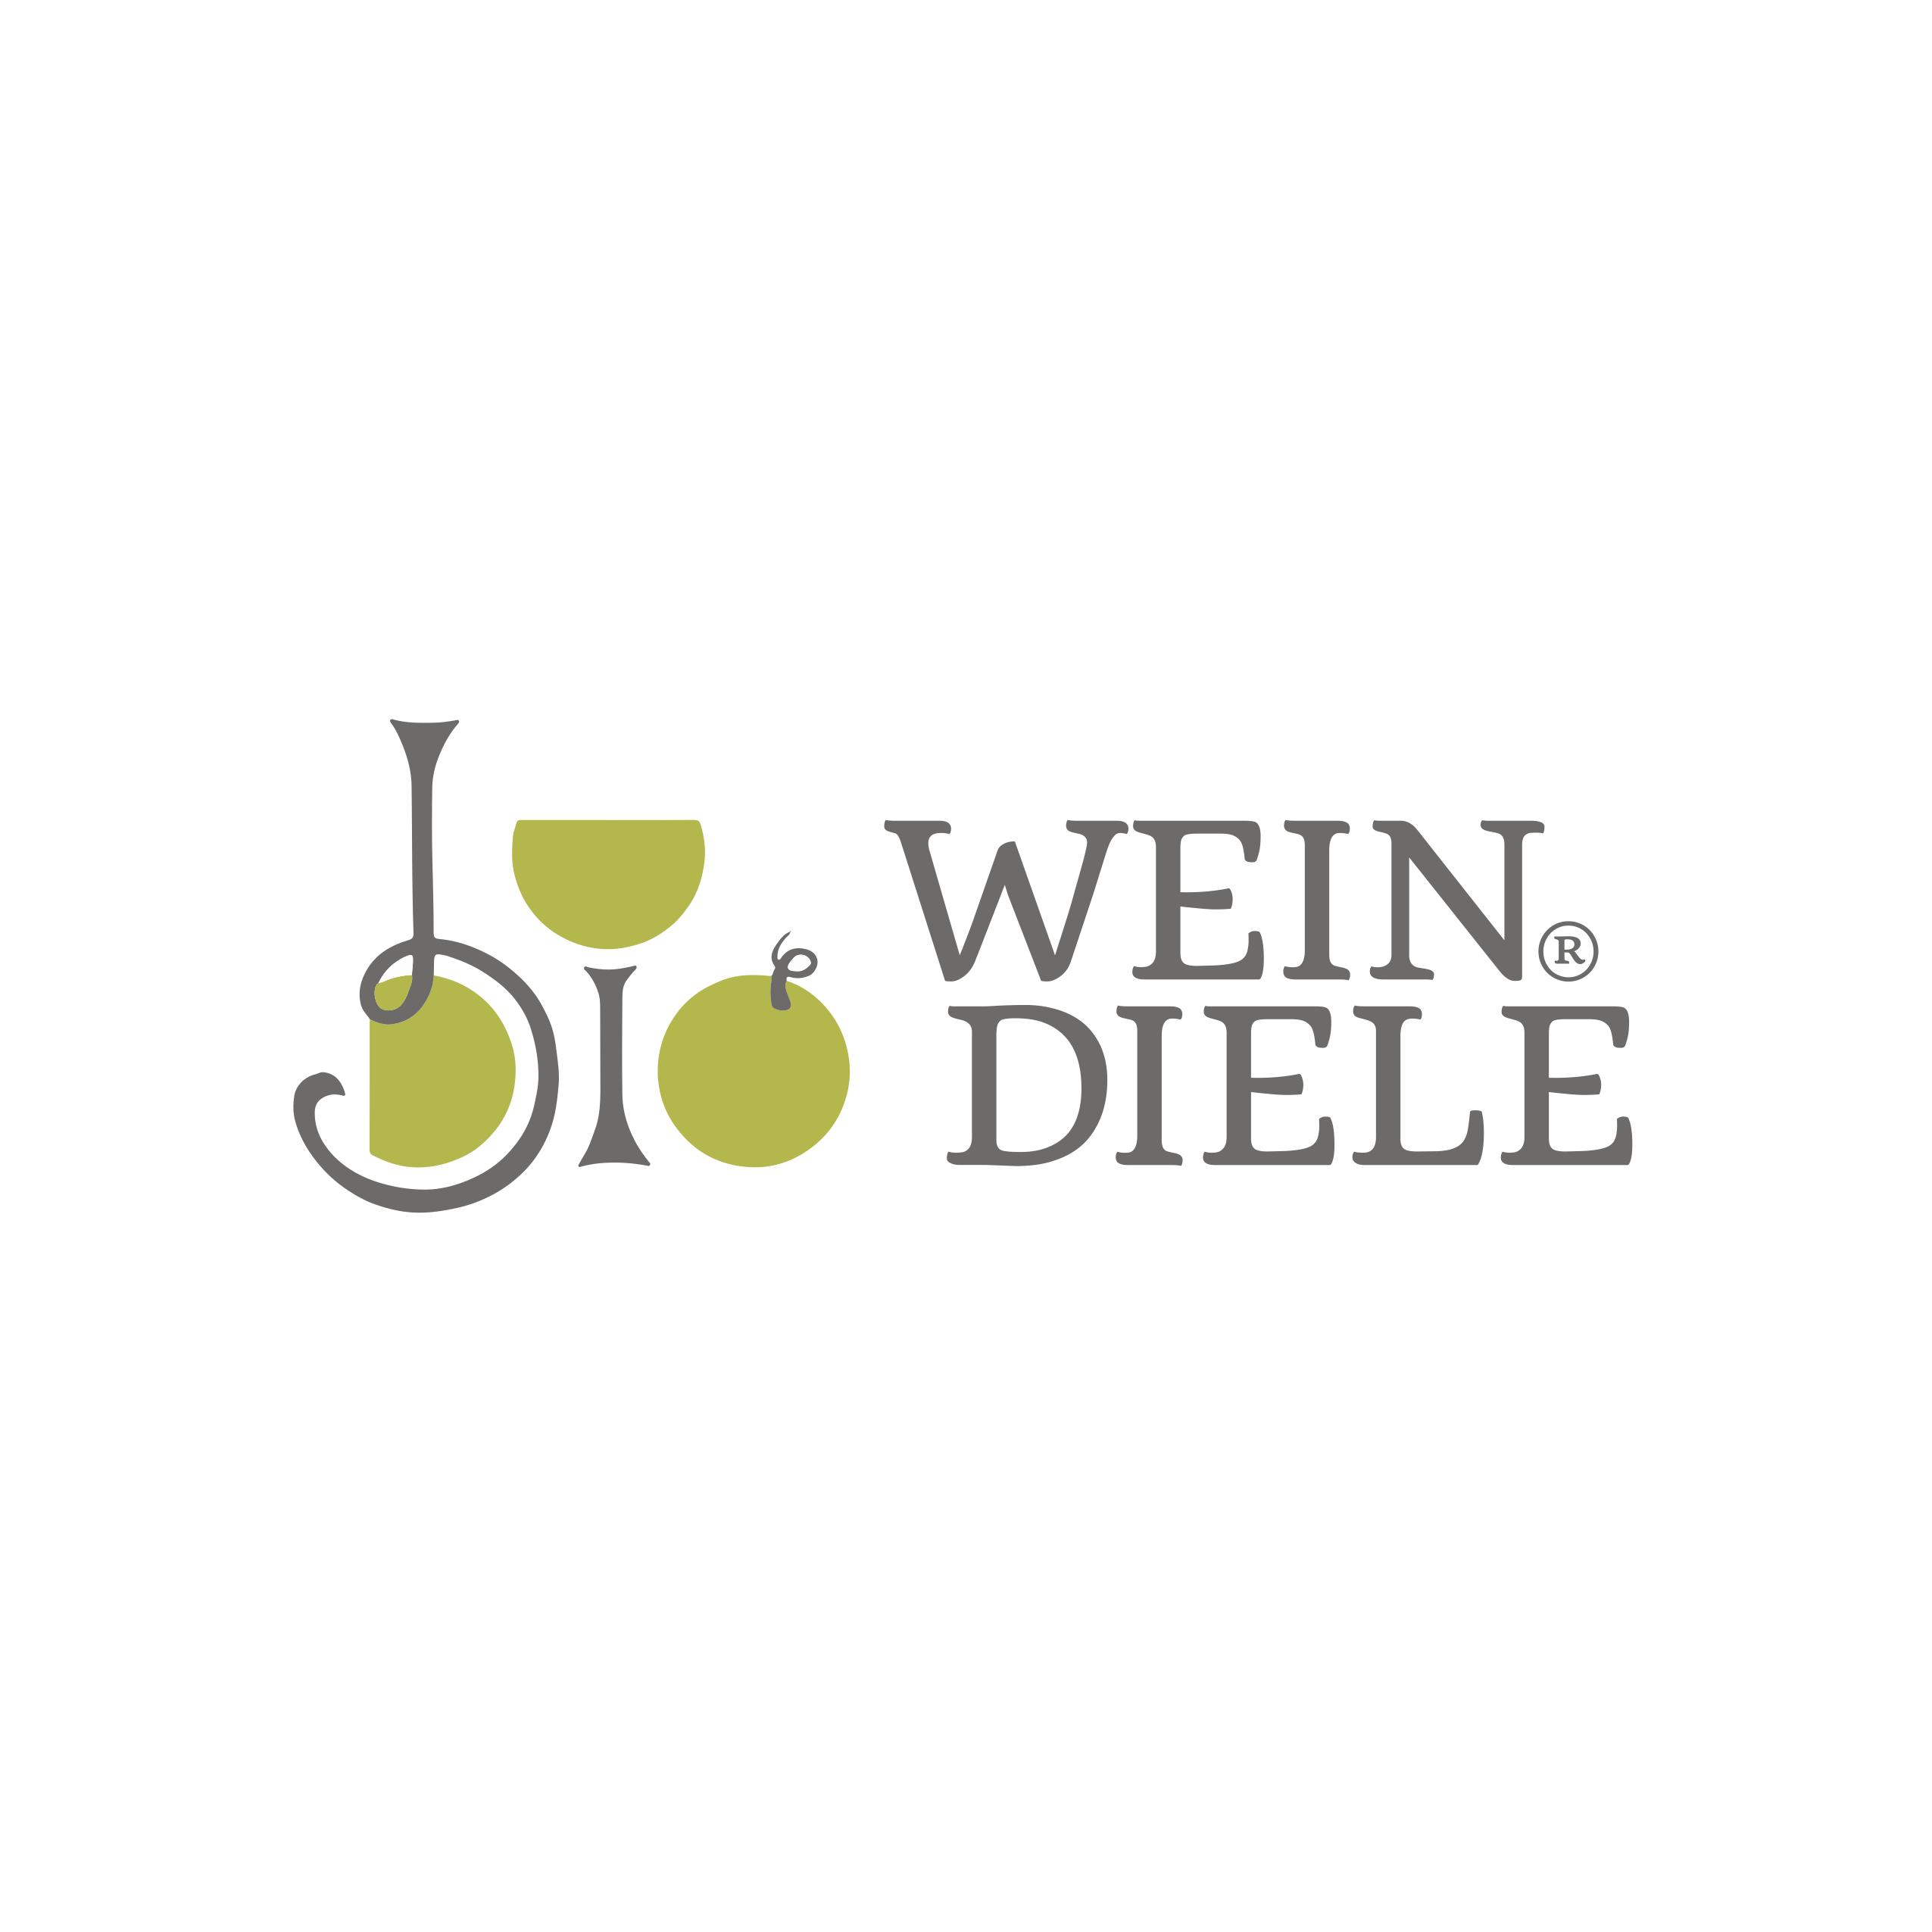 Weindiele® M.K. Weinhandel UG (haftungsbeschränkt)